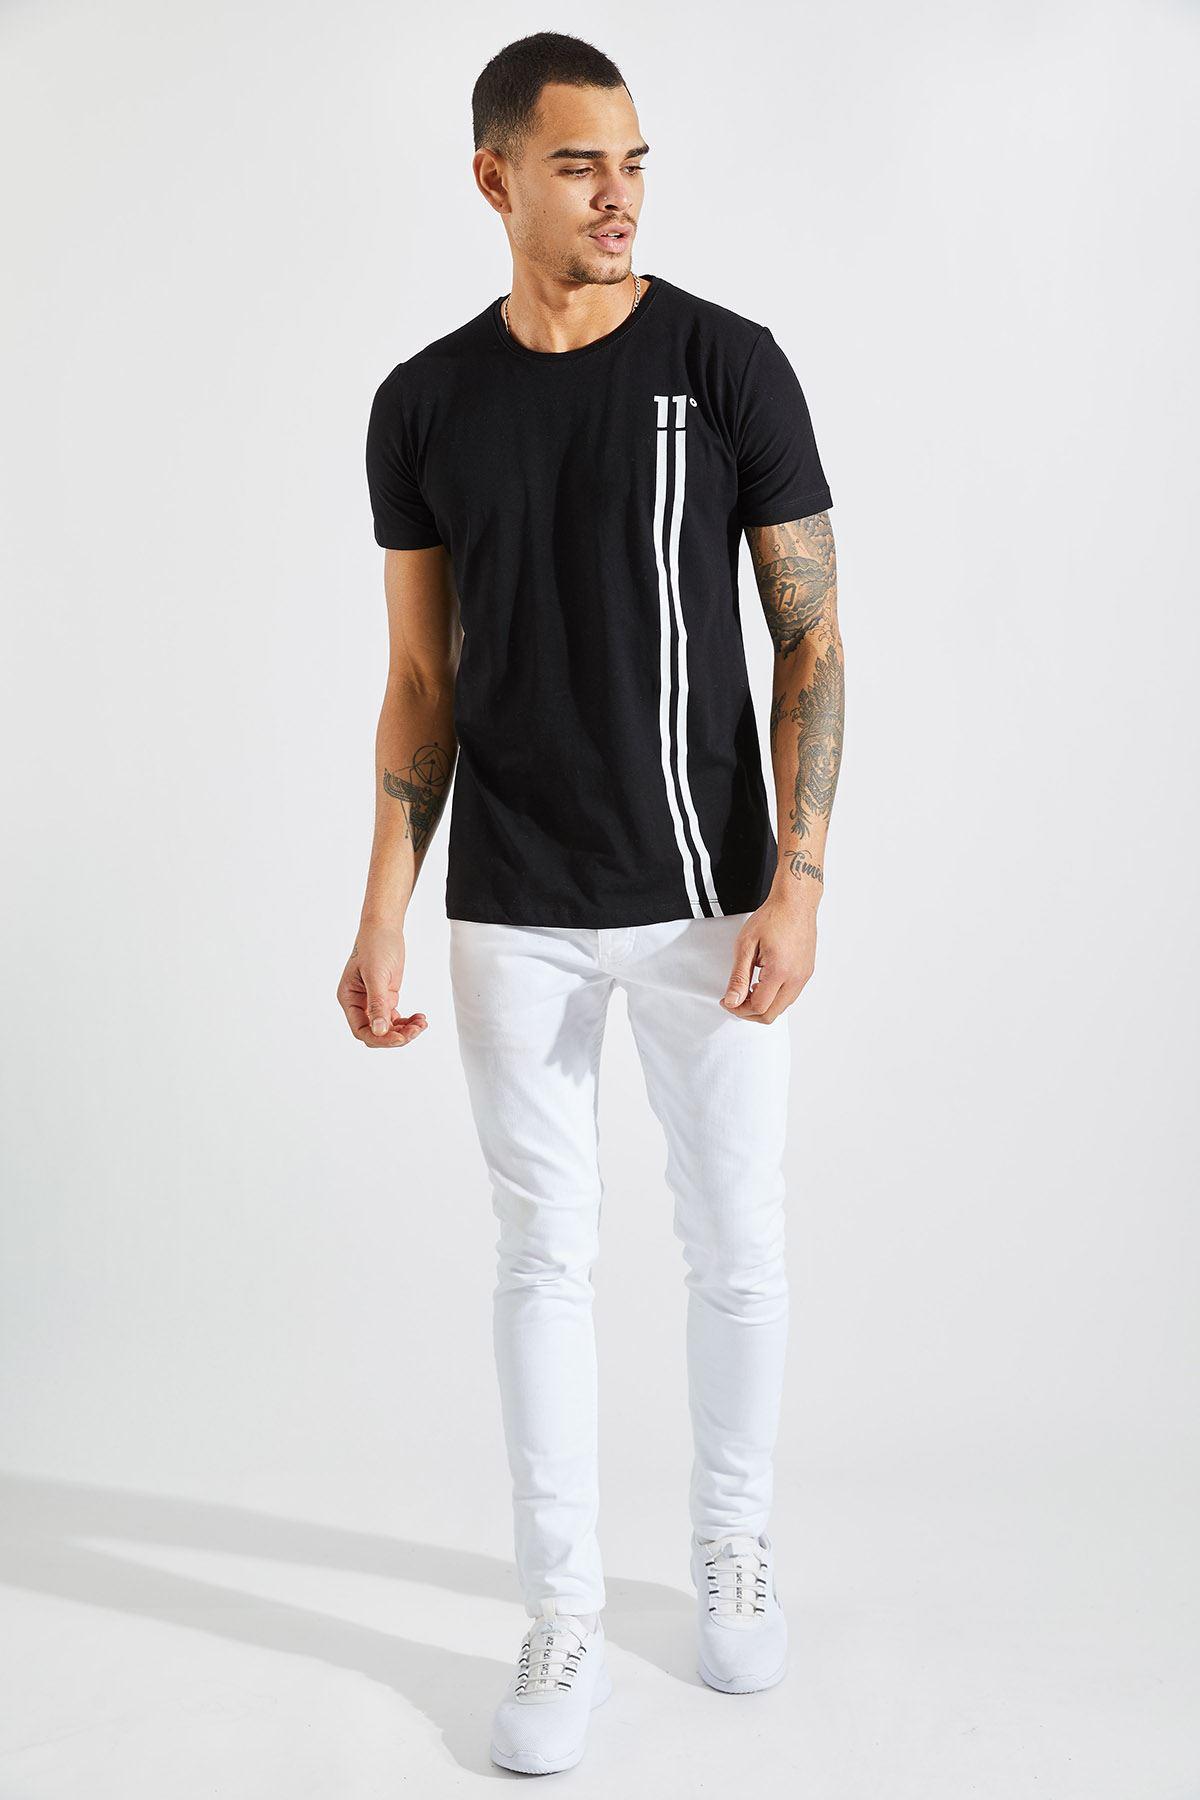 Erkek 11 Baskılı Siyah Tişört